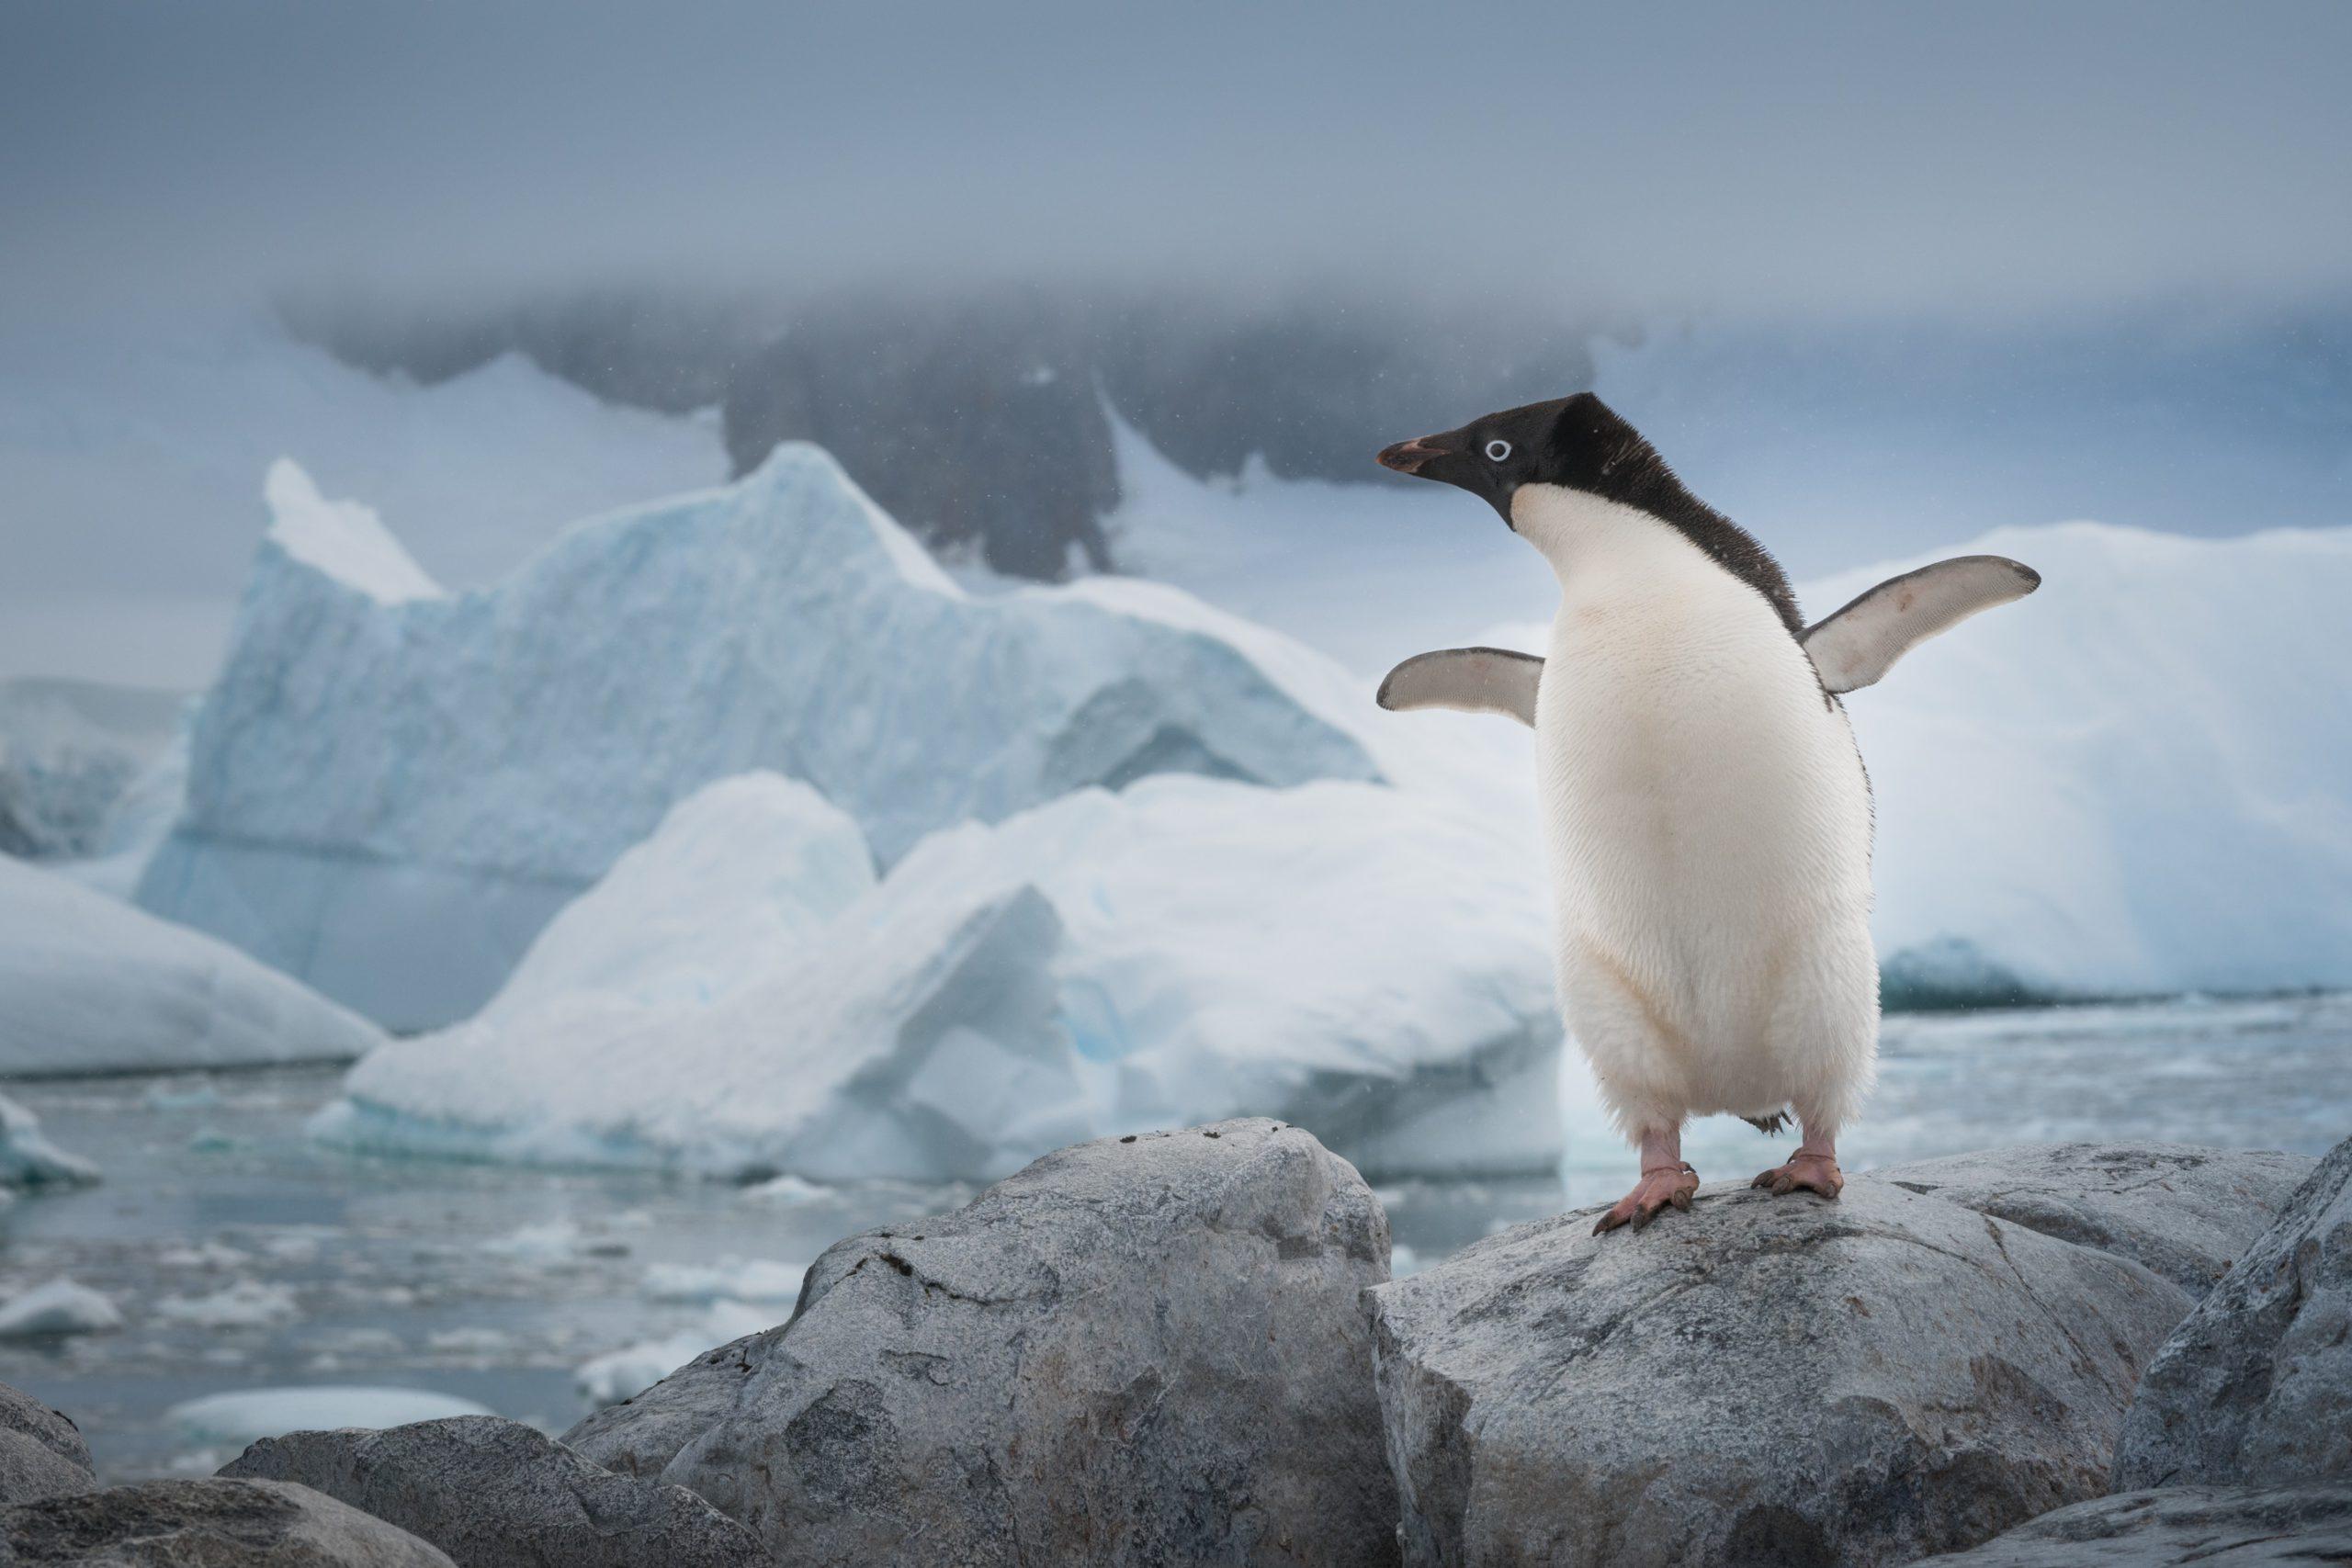 Иммунолог рекомендовал прятаться от коронавируса в Антарктиде